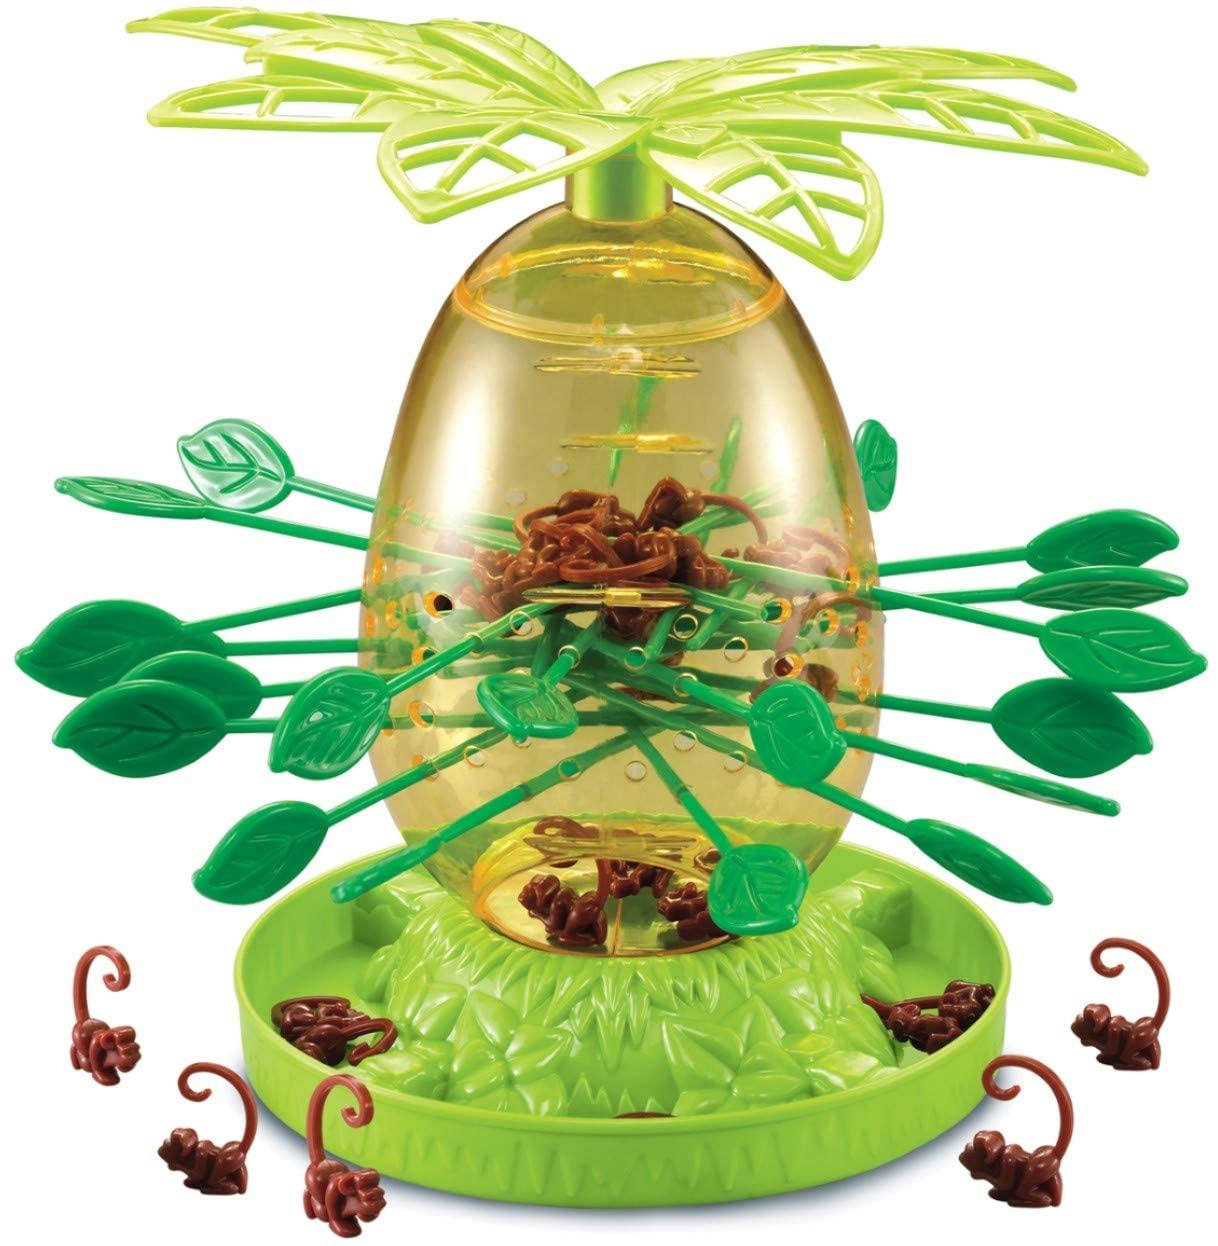 Jogo cai não cai, com materiais em tons de verde e topo com folhas que lembram árvores palmeiras.